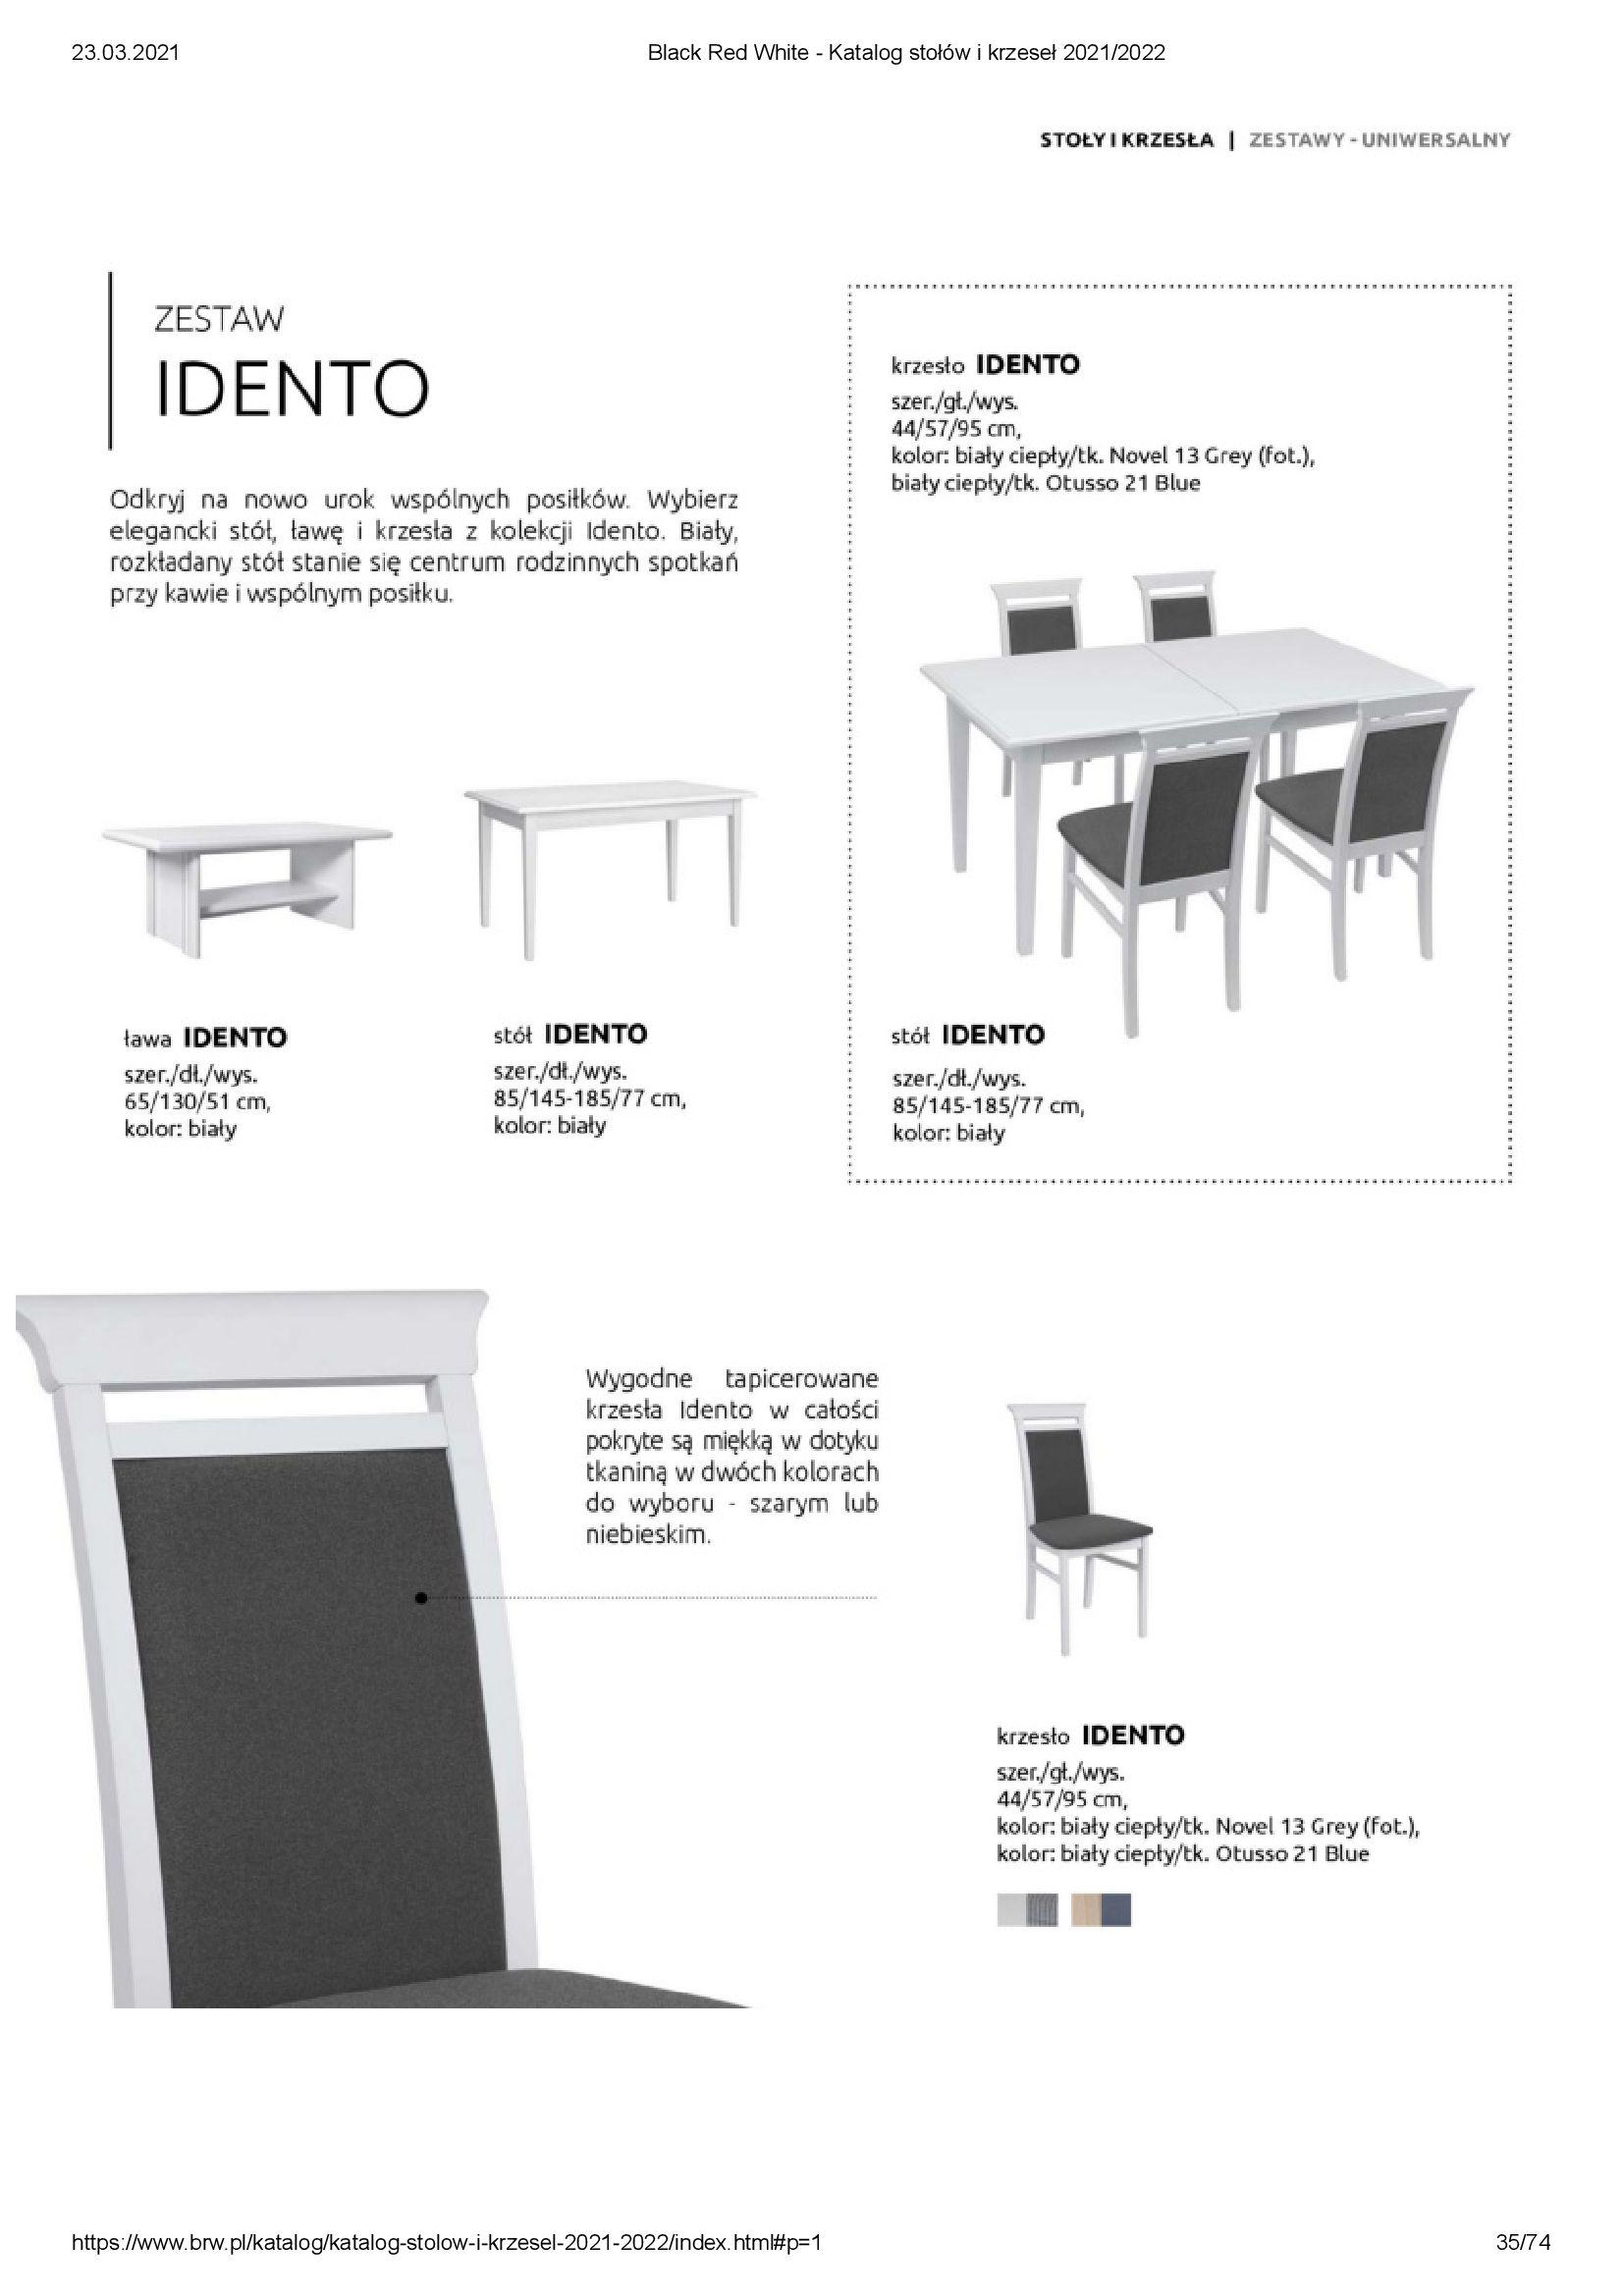 Gazetka Black Red White: Katalog stołów i krzeseł 2021-03-23 page-35